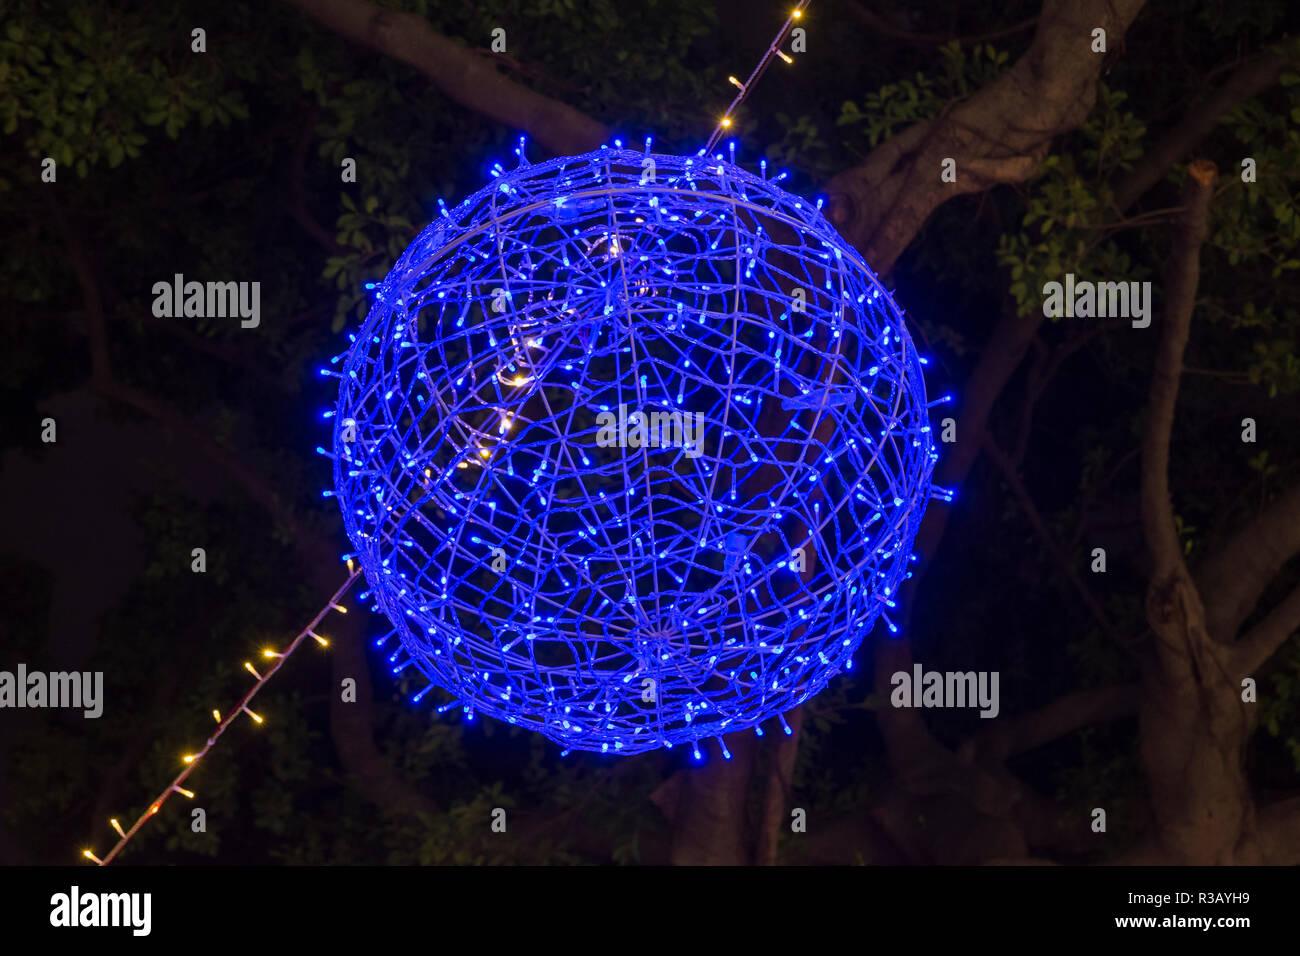 Detalle de las luces de Navidad anteriormente ocupado Park Lane Shopper's Boulevard, Nathan Road, Tsim Sha Tsui, Hong Kong Imagen De Stock